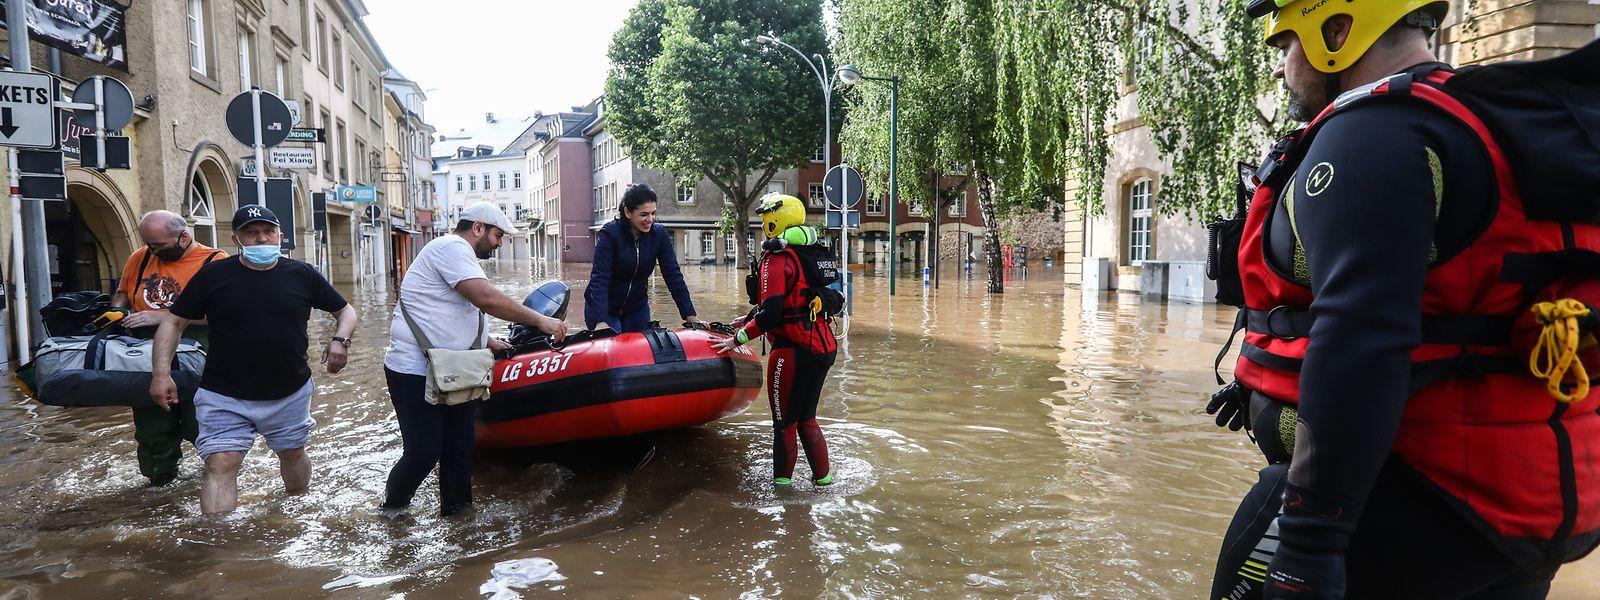 Plusieurs centaines d'habitants ont pu rejoindre des sites au sec grâce aux rotations des bateaux du CGDIS.